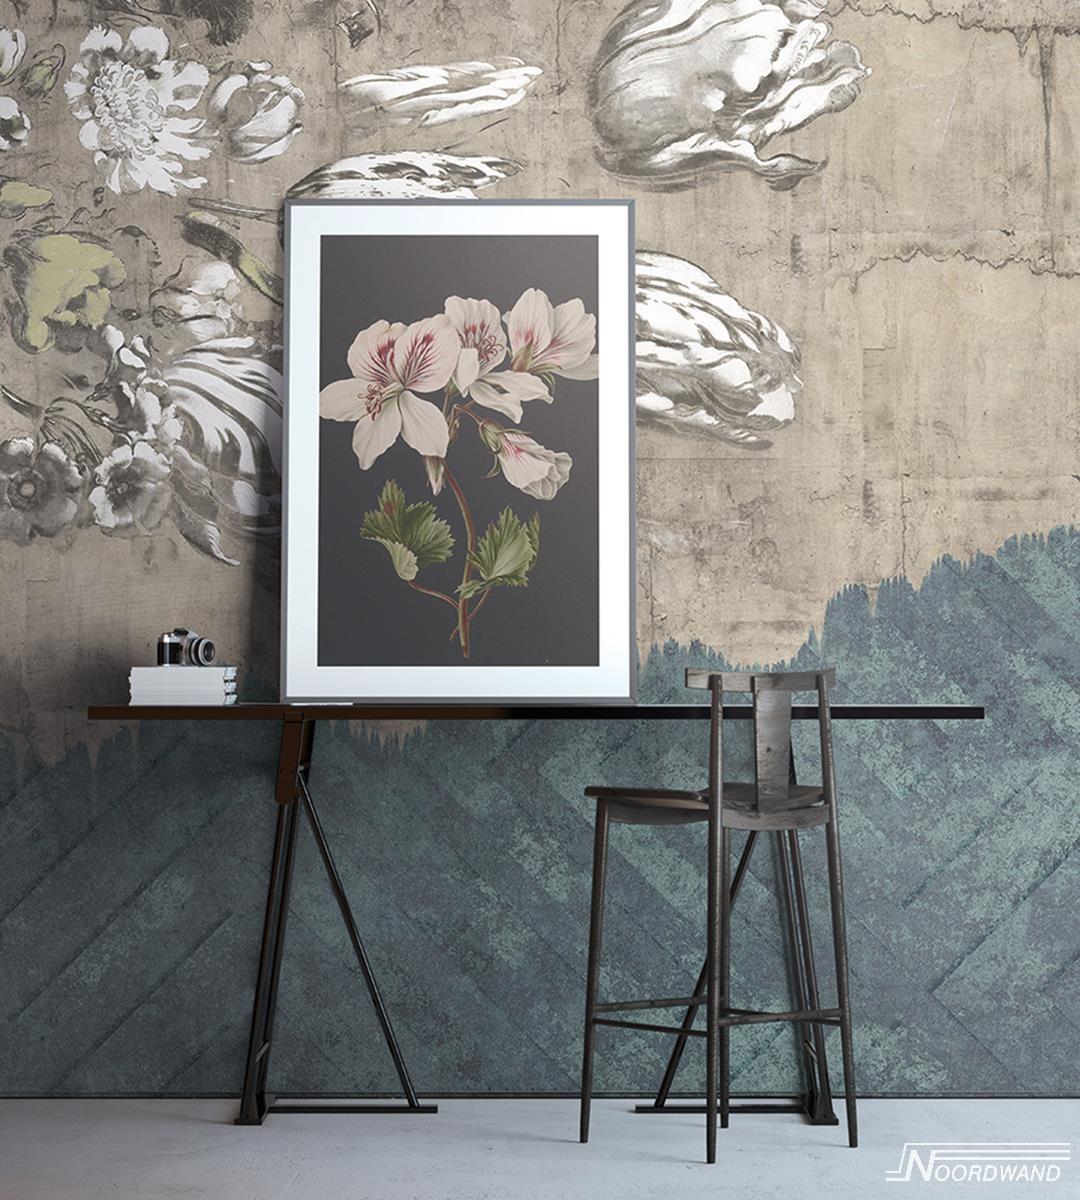 Je muur in een gewaagde print - durf jij het aan?